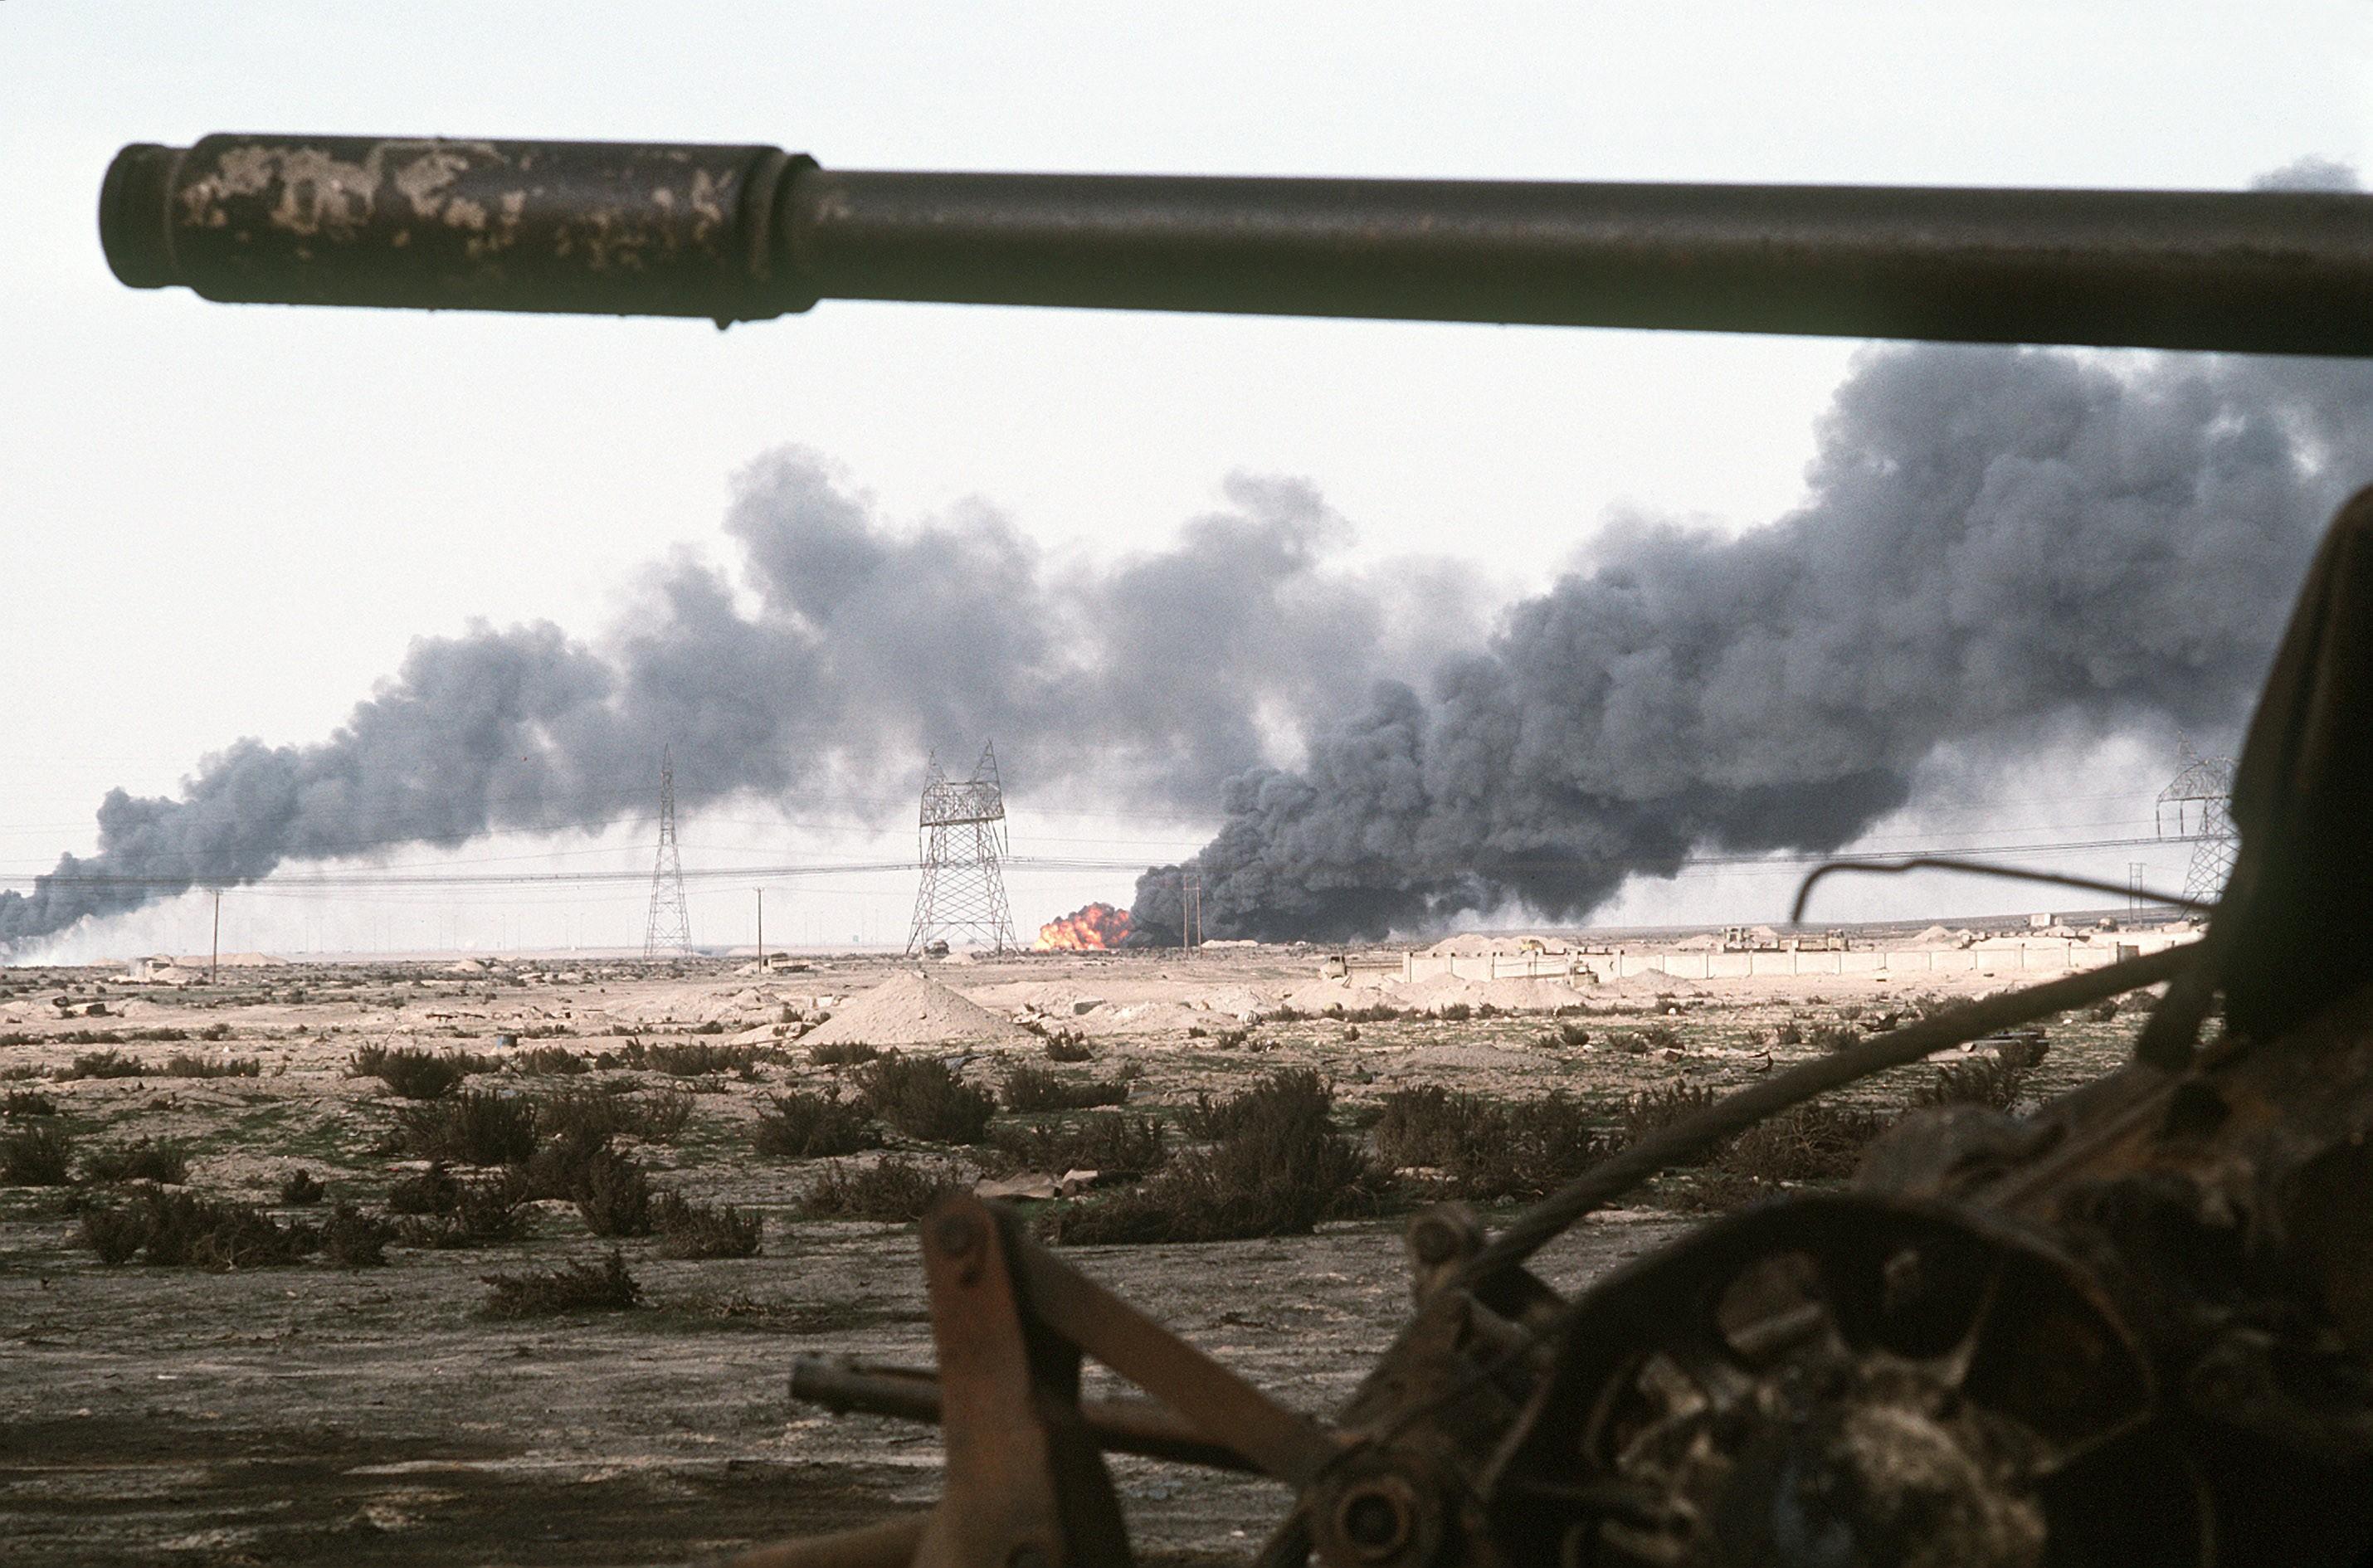 Fundação teria atuado durante Guerra do Golfo, em 1991 (Foto: Wikimedia Commons)